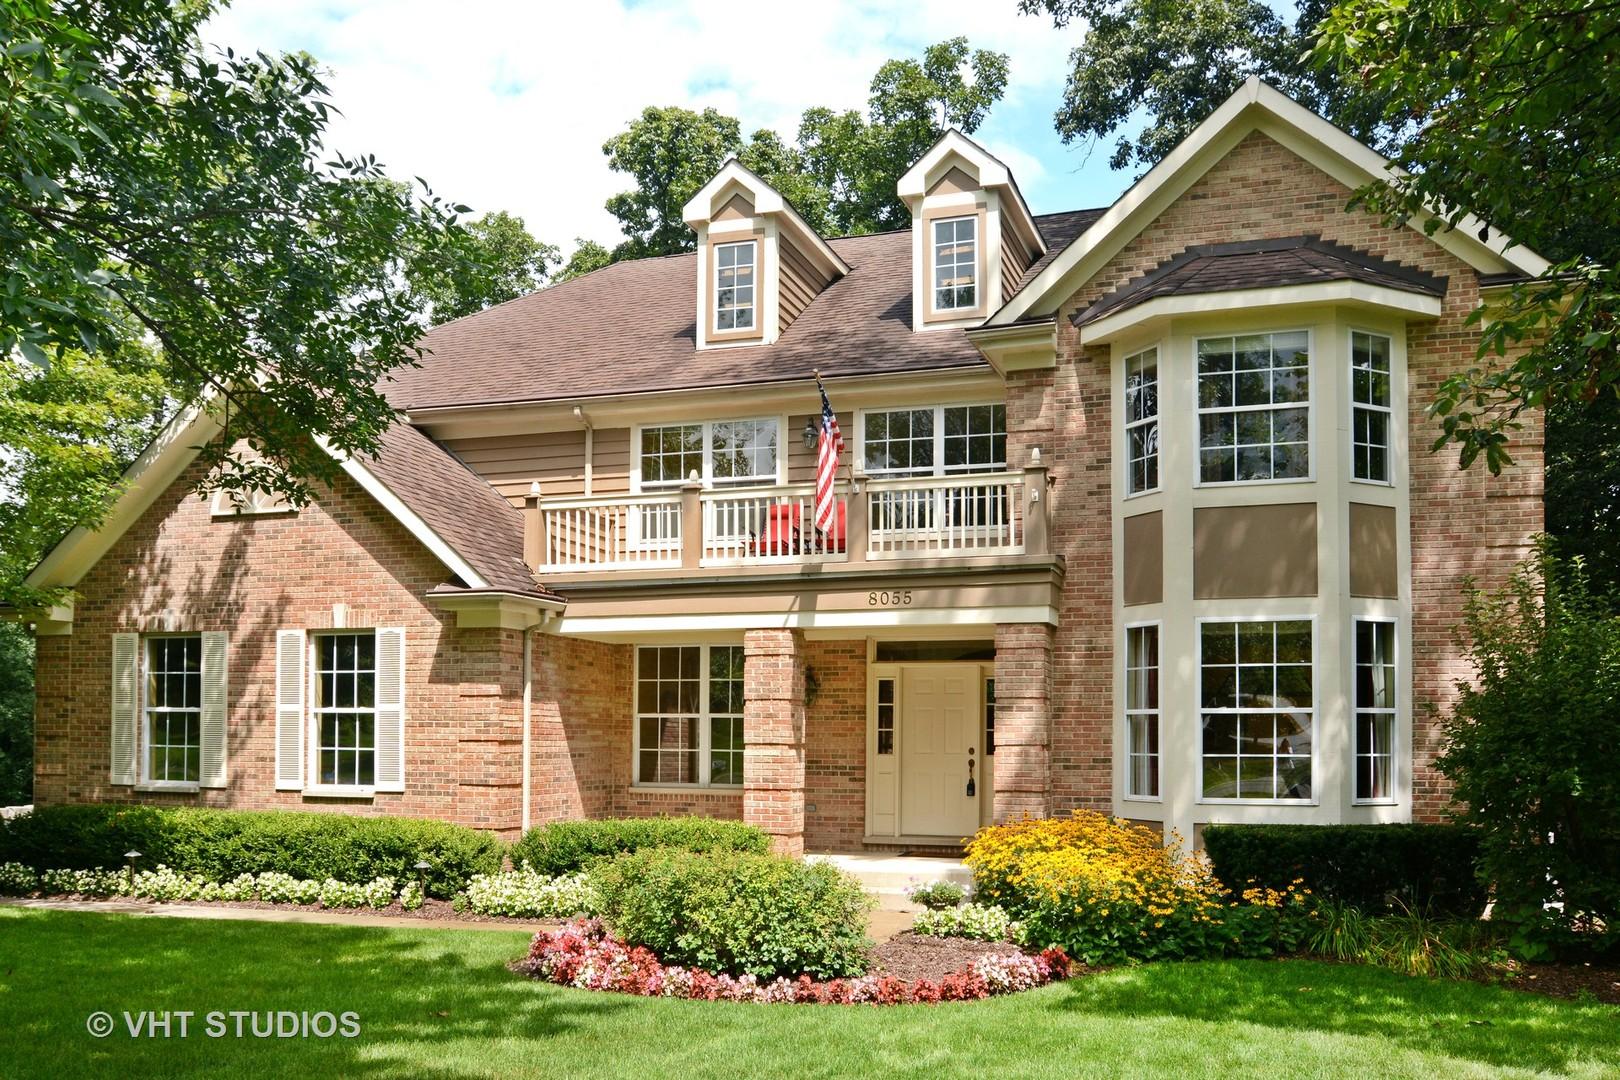 8055 Breckenridge Drive, Long Grove, Illinois 60047